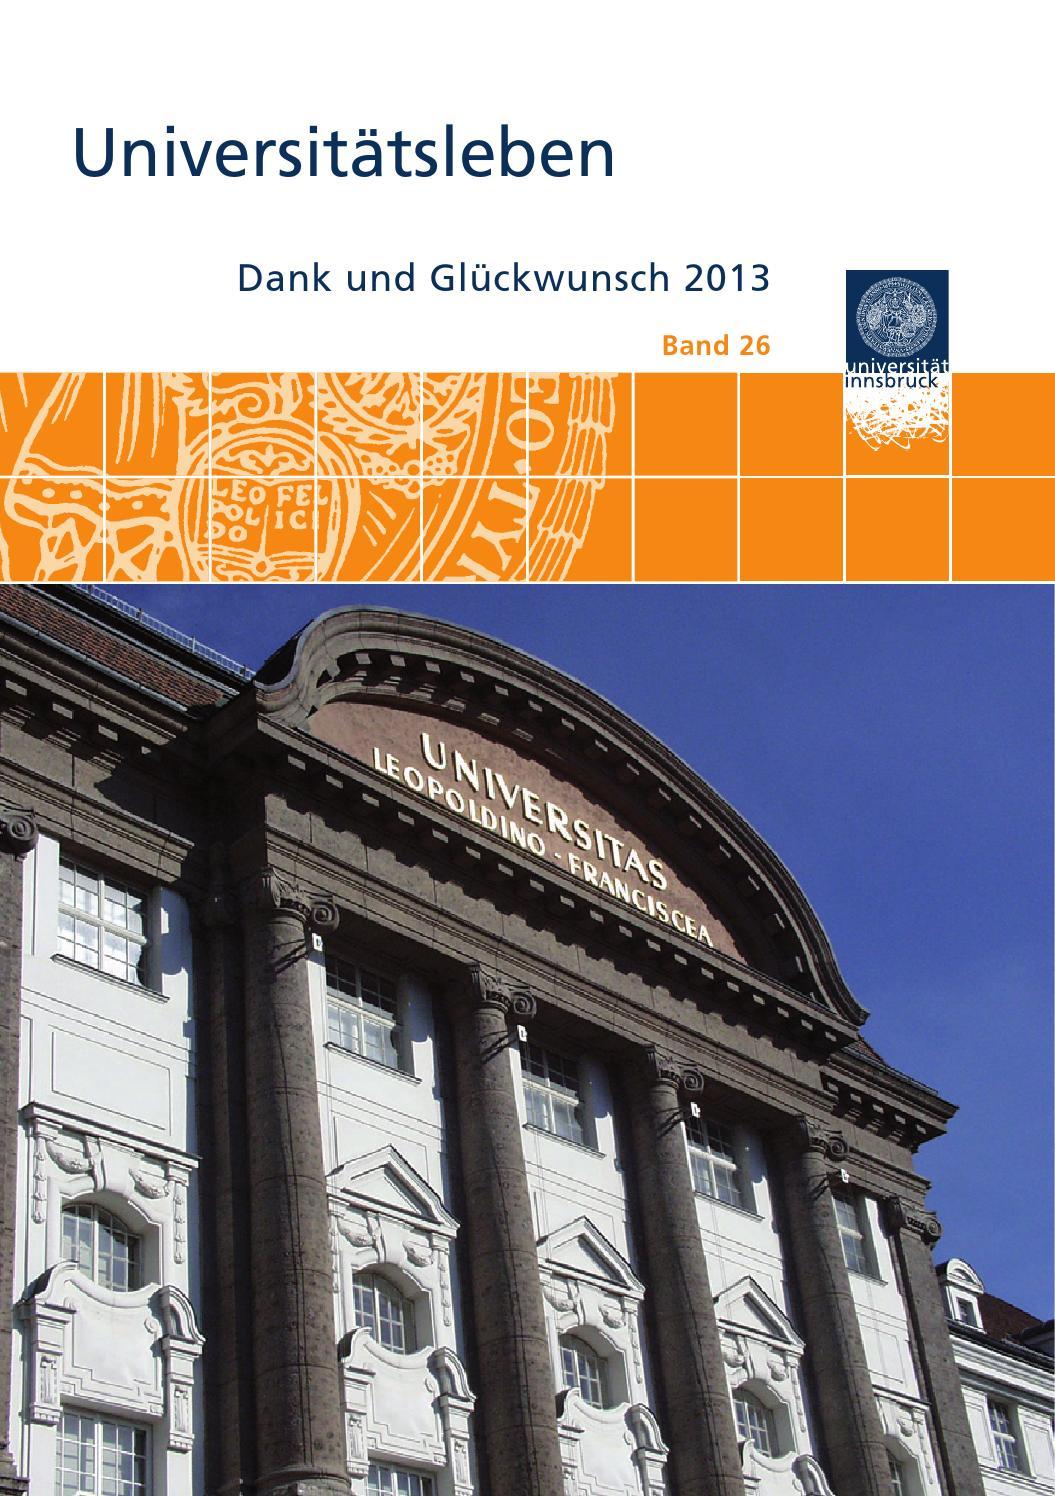 Dank und Glückwunsch 2013 by Universität Innsbruck - issuu